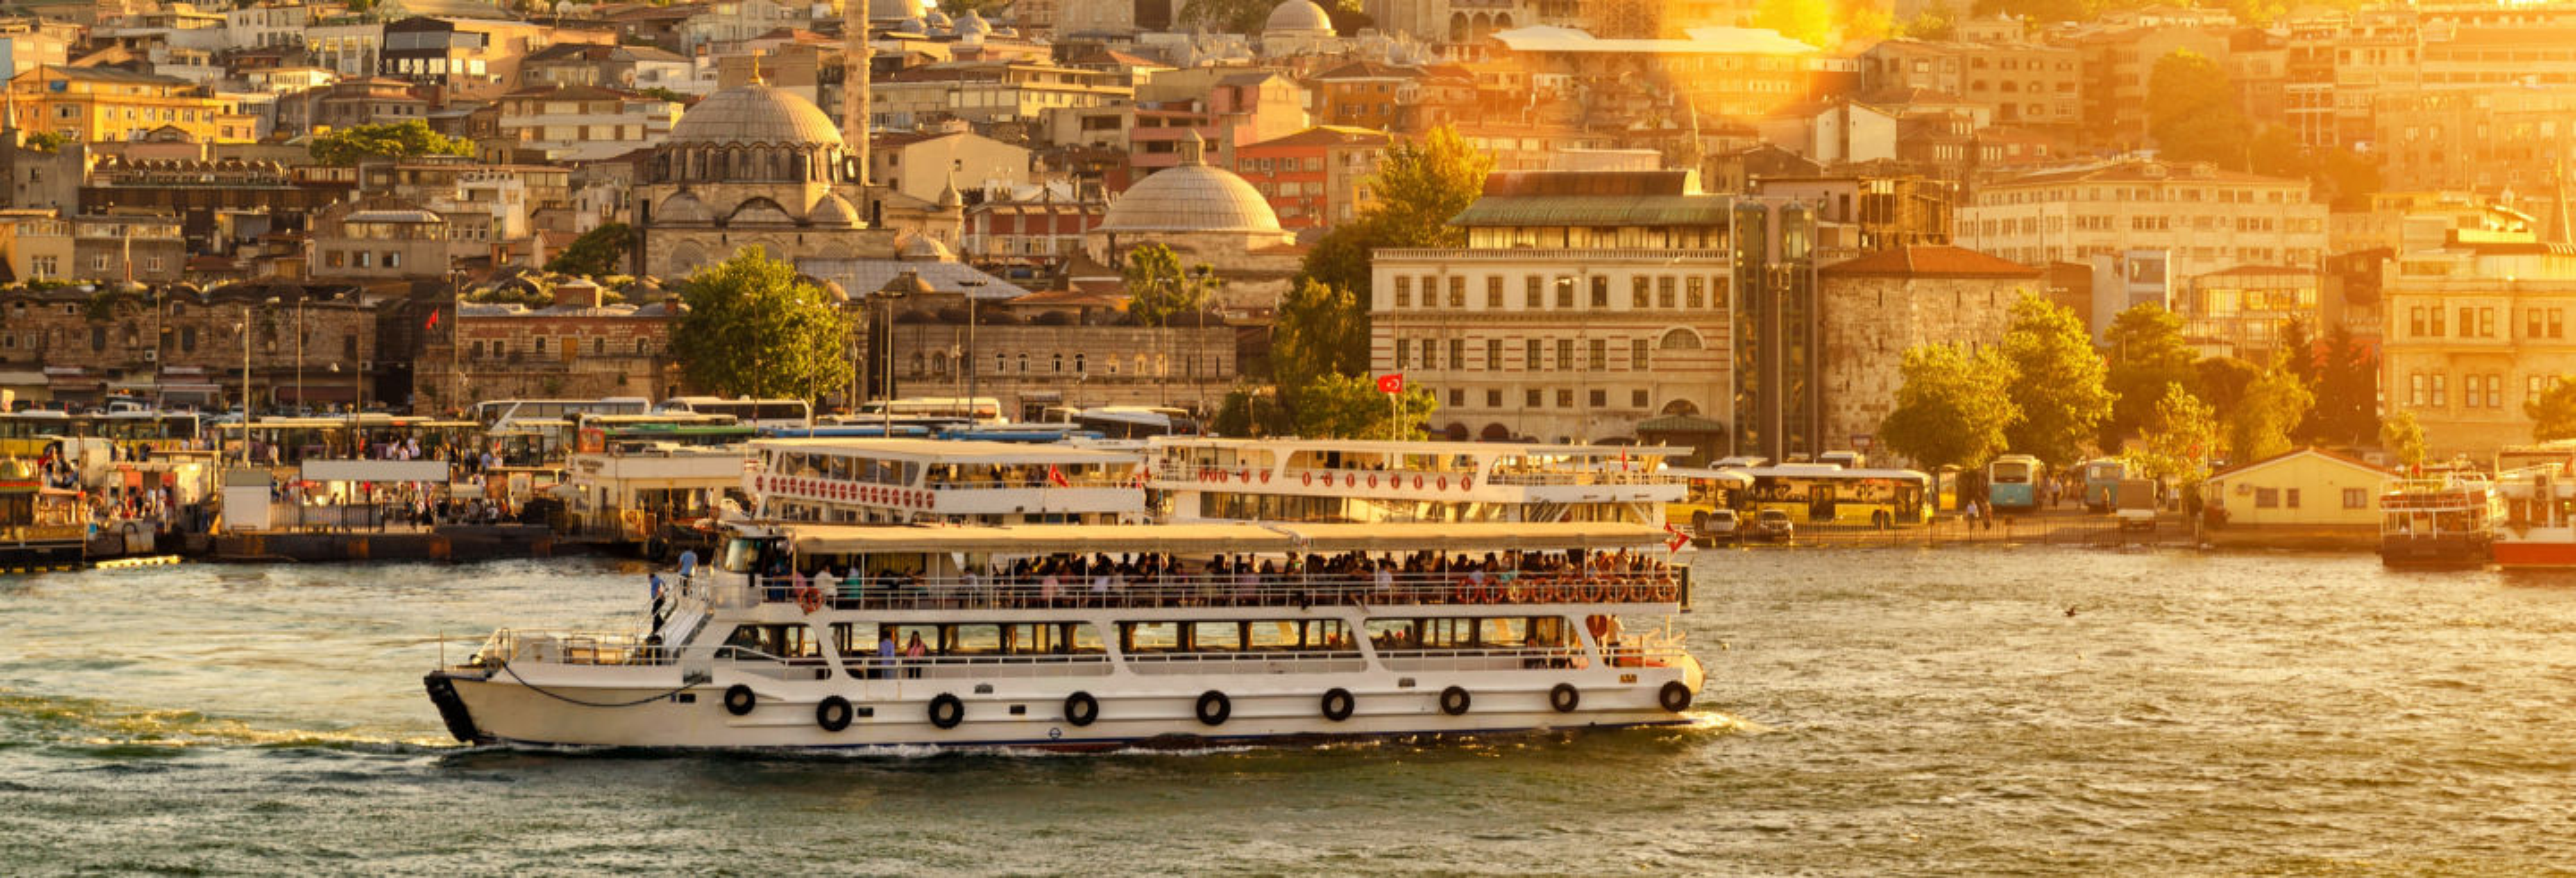 Barco turístico de Estambul